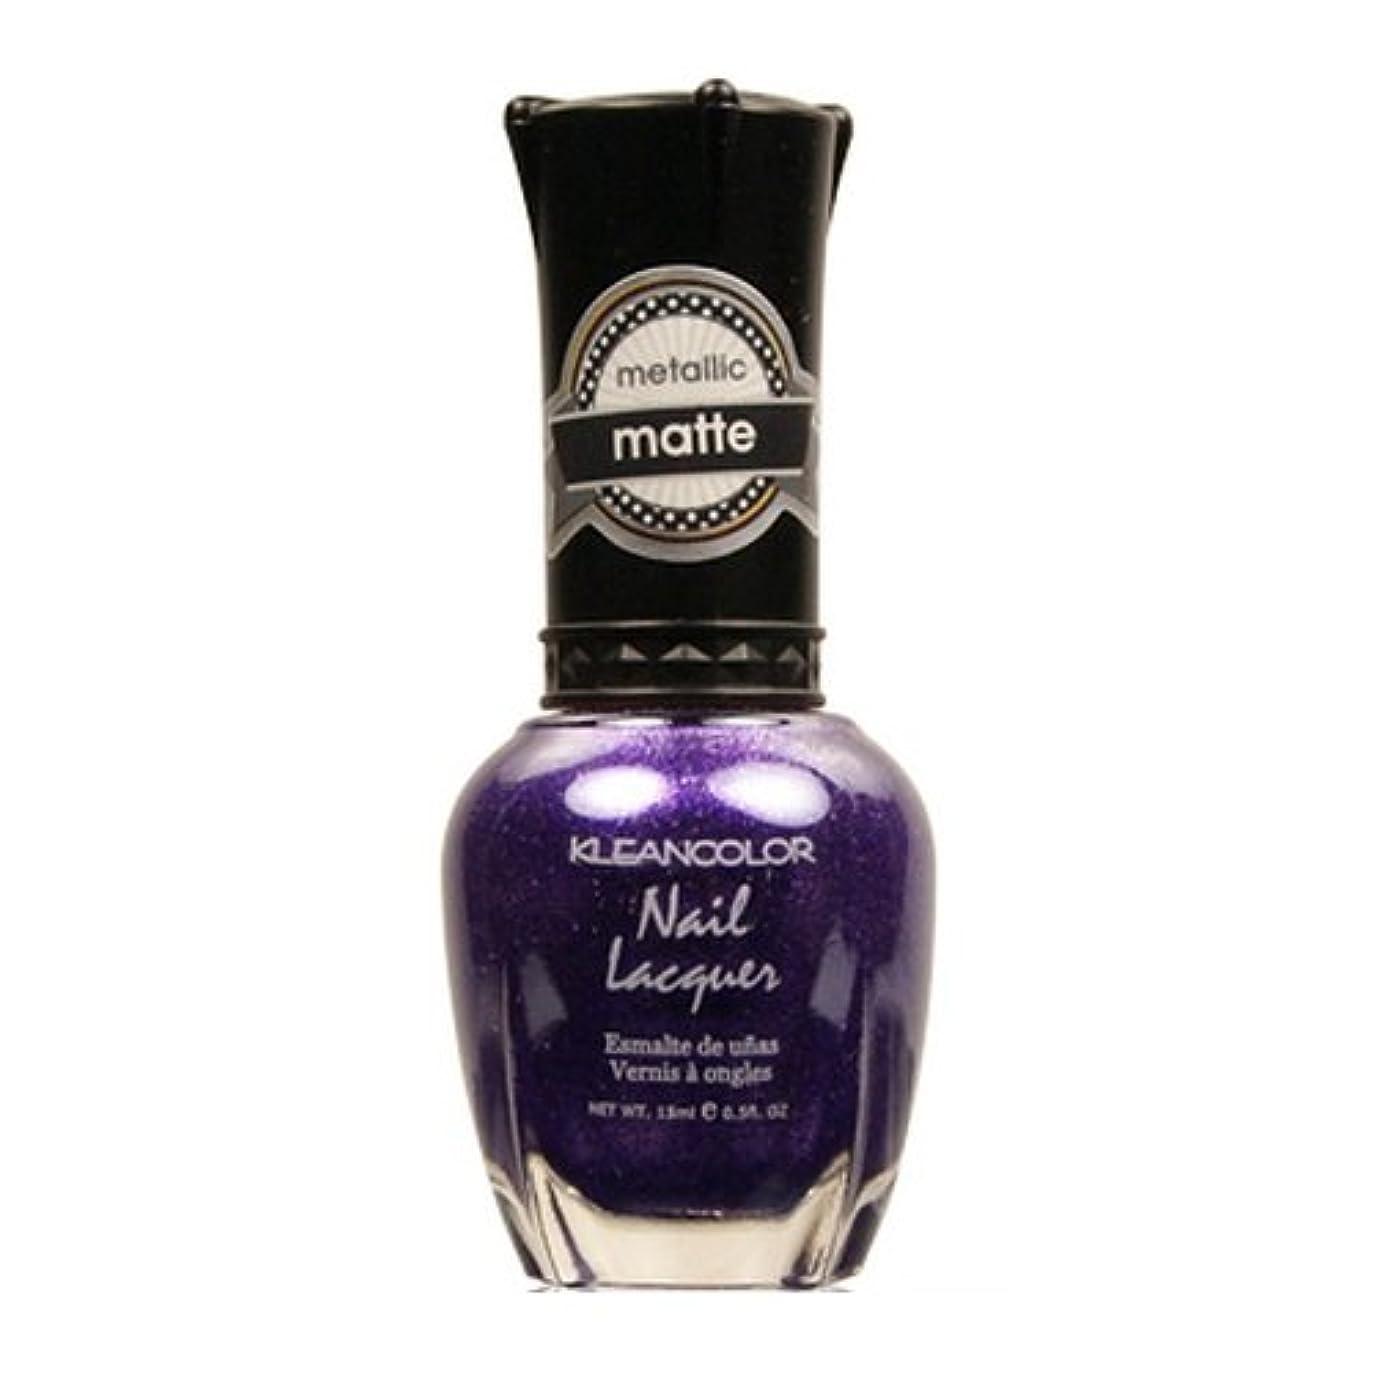 聖職者応じる取り出すKLEANCOLOR Matte Nail Lacquer - Bright&Breezy (並行輸入品)